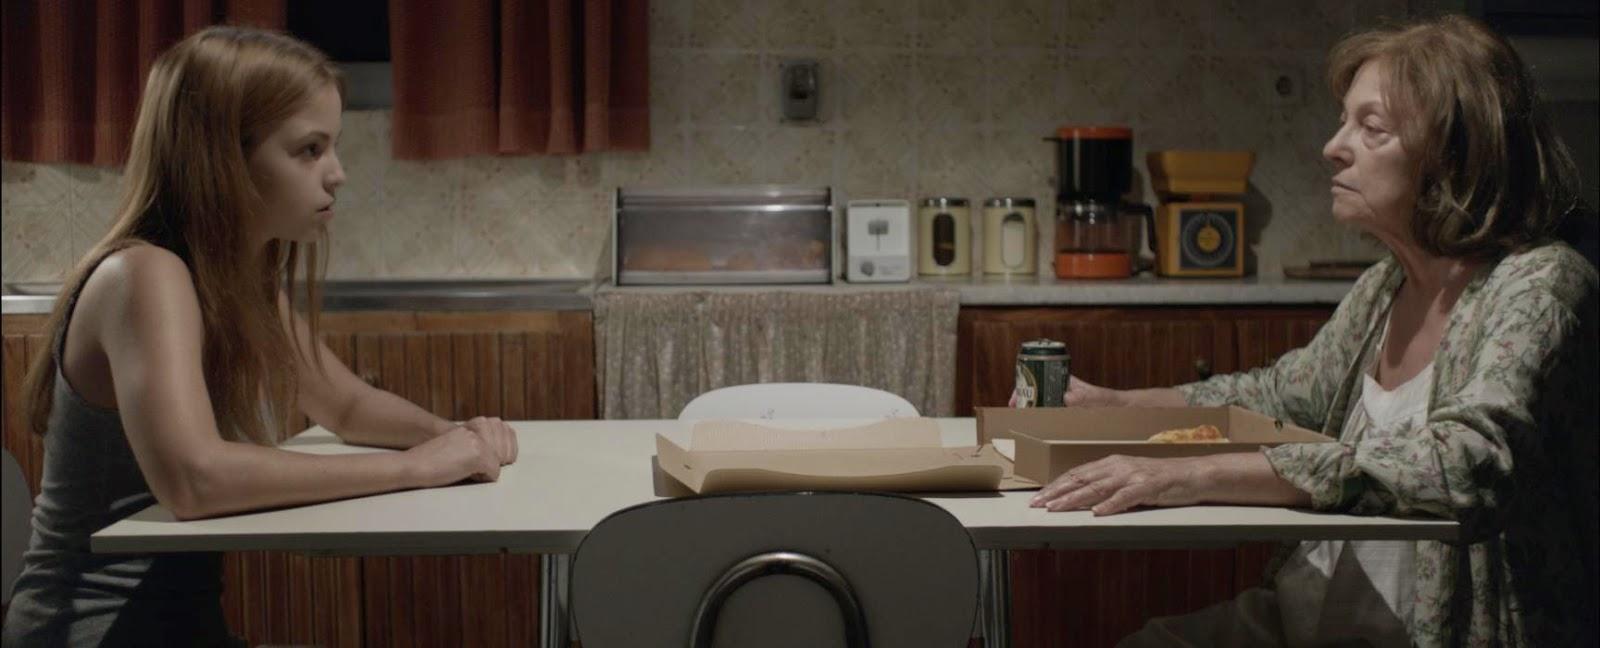 Filme Dentro Da Casa throughout hoje vi(vi) um filme: crítica: miss violence (2013)